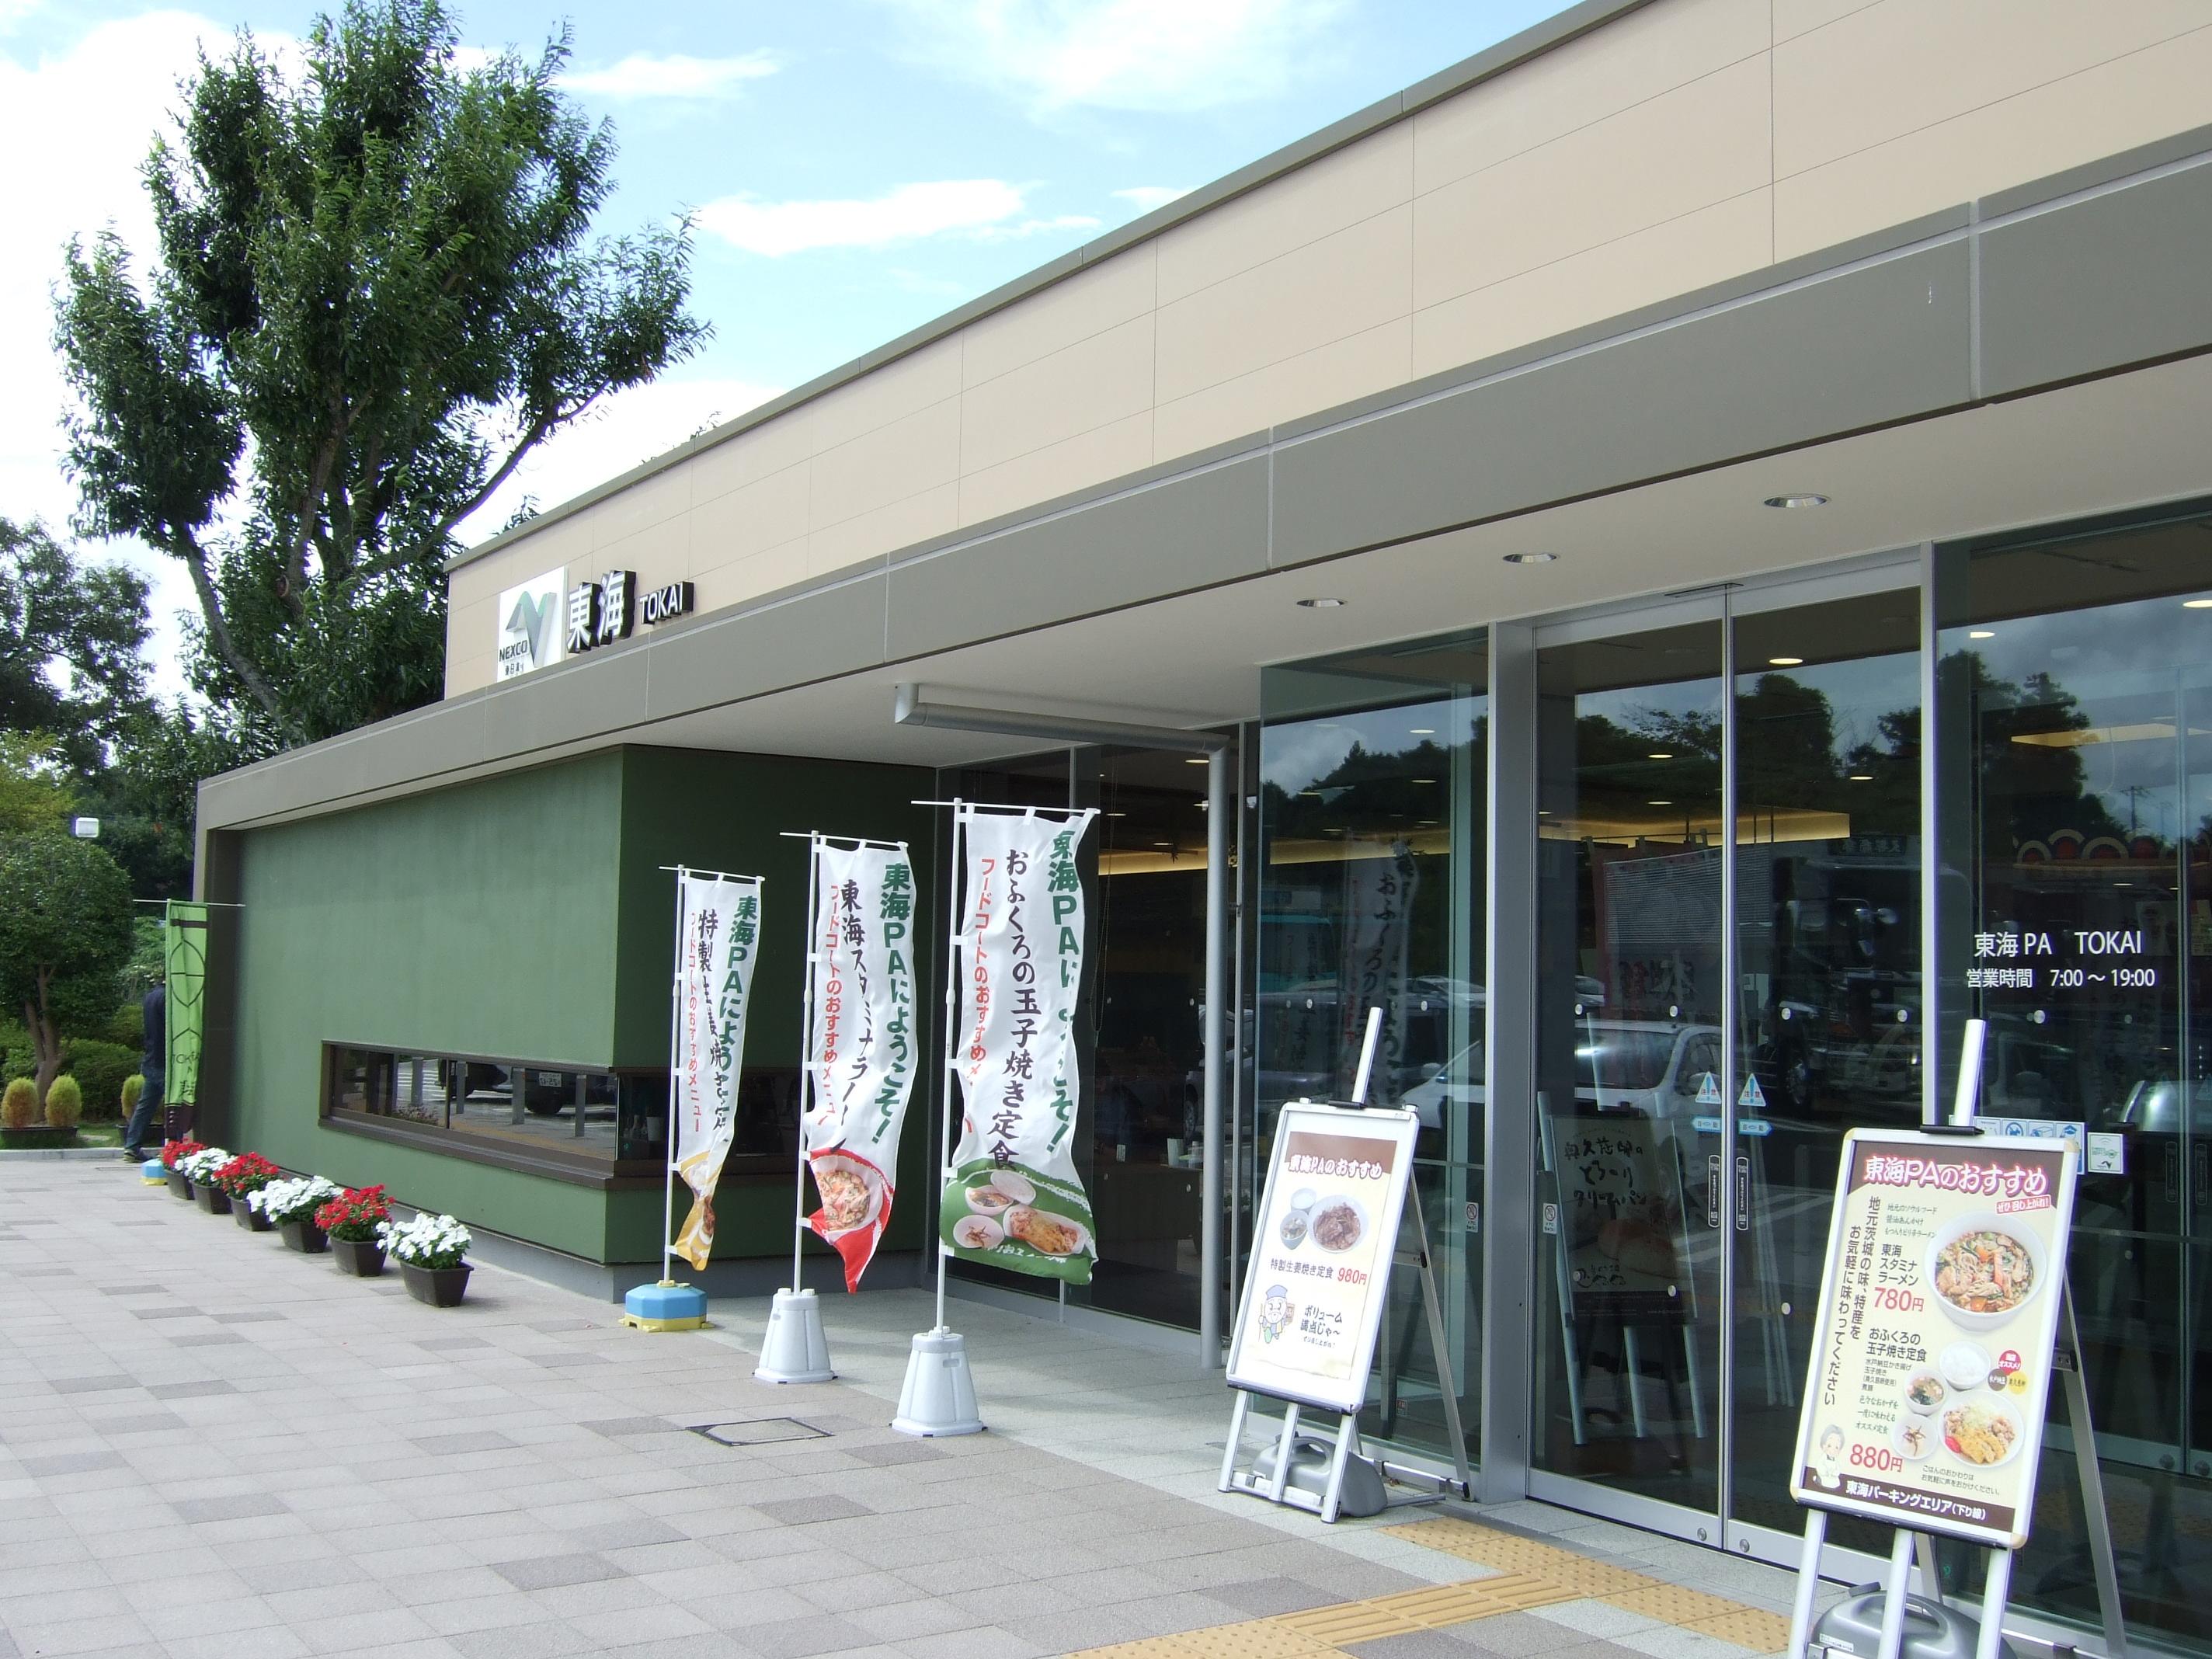 常磐自動車道下り 東海パーキングエリア レストラン・売店